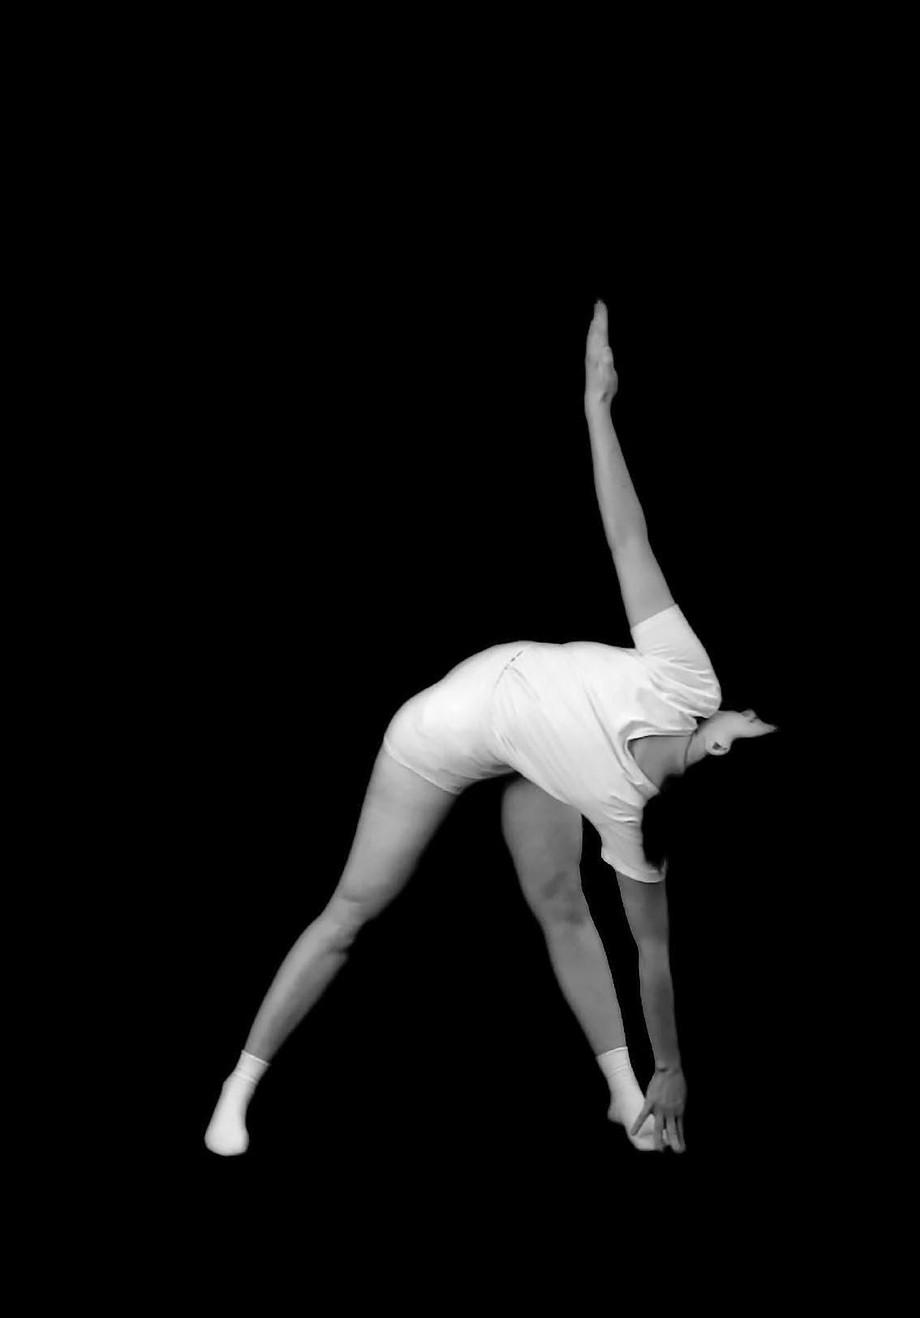 Esercizi Obbligatori, Marilisa Cosello racconta il suo nuovo progetto fotografico / Esercizi Obbliga